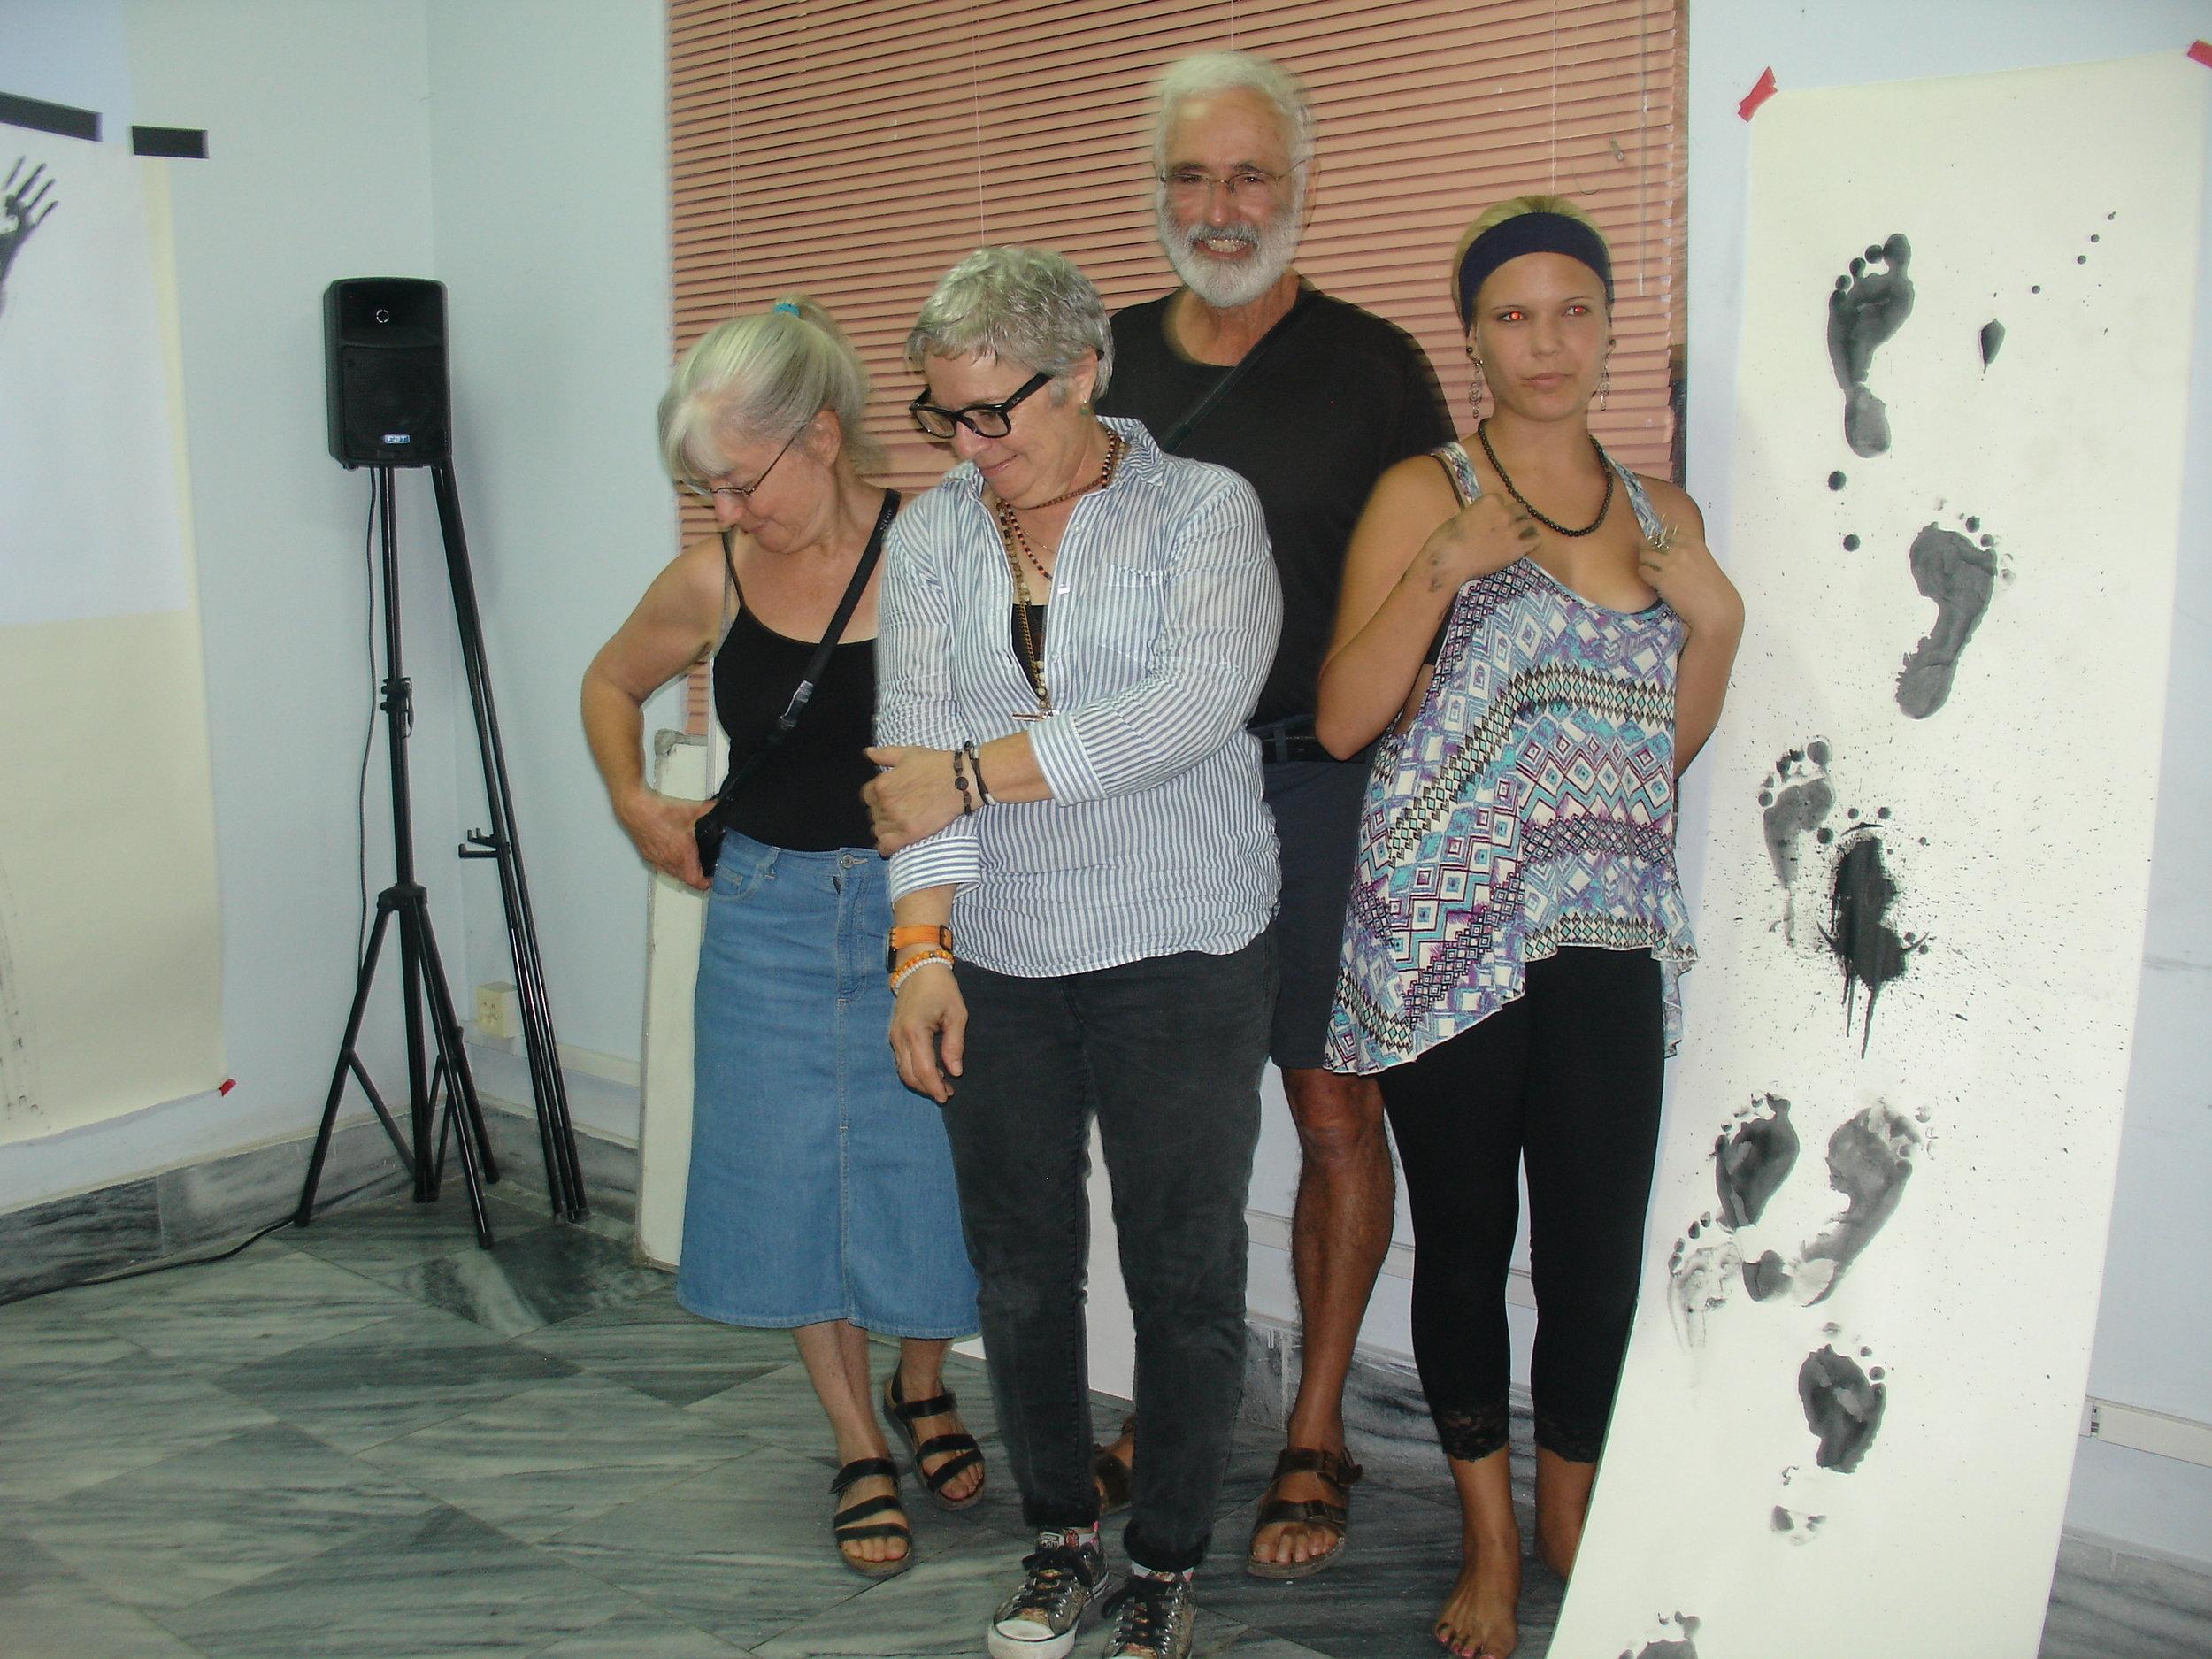 Nereida Garcia Ferraz y Colaboradores tecnicos, Roberto Campoamor y Halcyon Campoamor.JPG